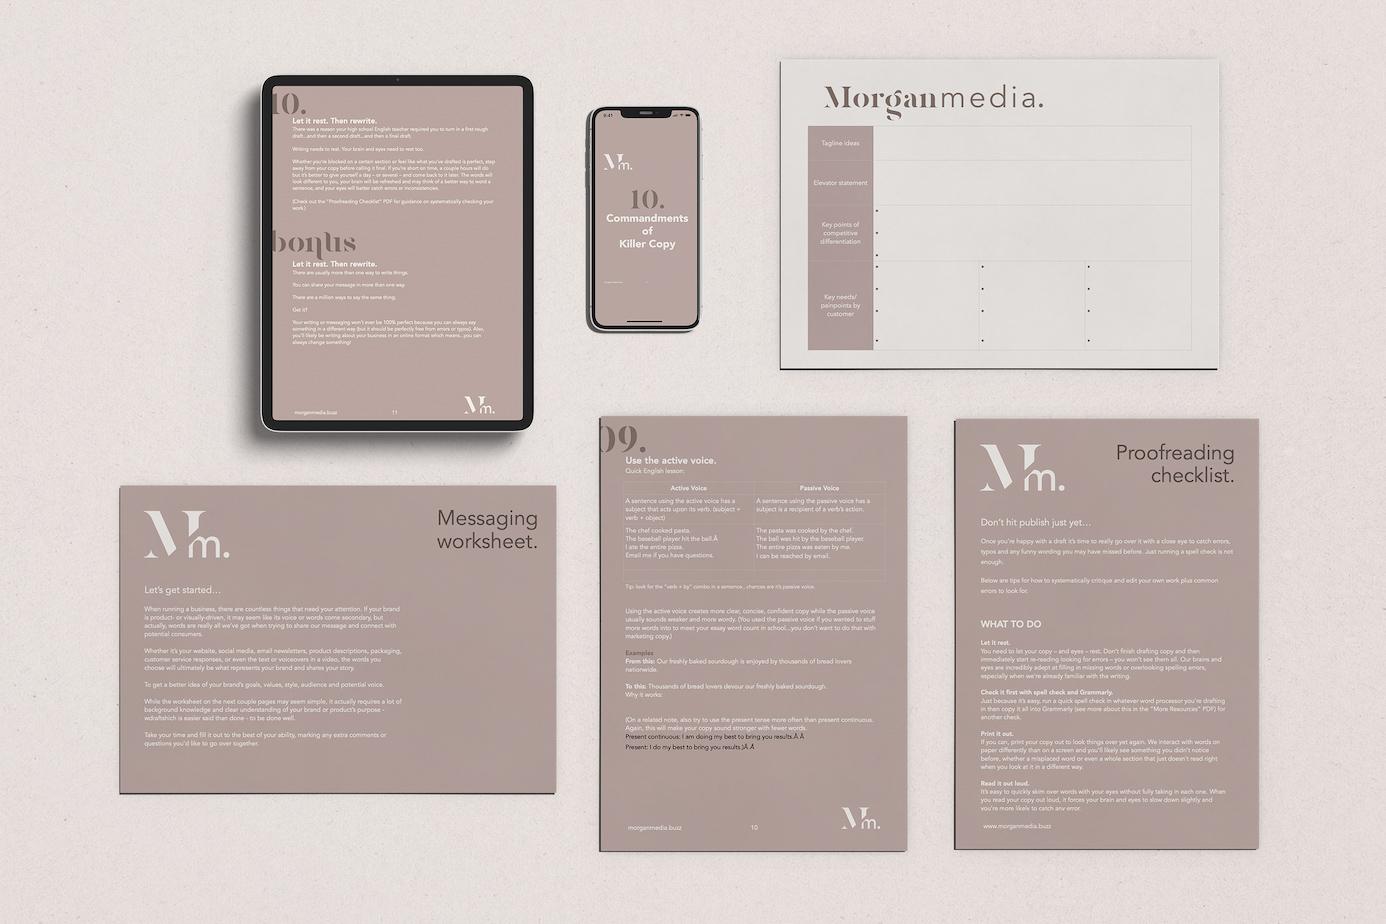 Beginner Copy Kit from Morgan Media